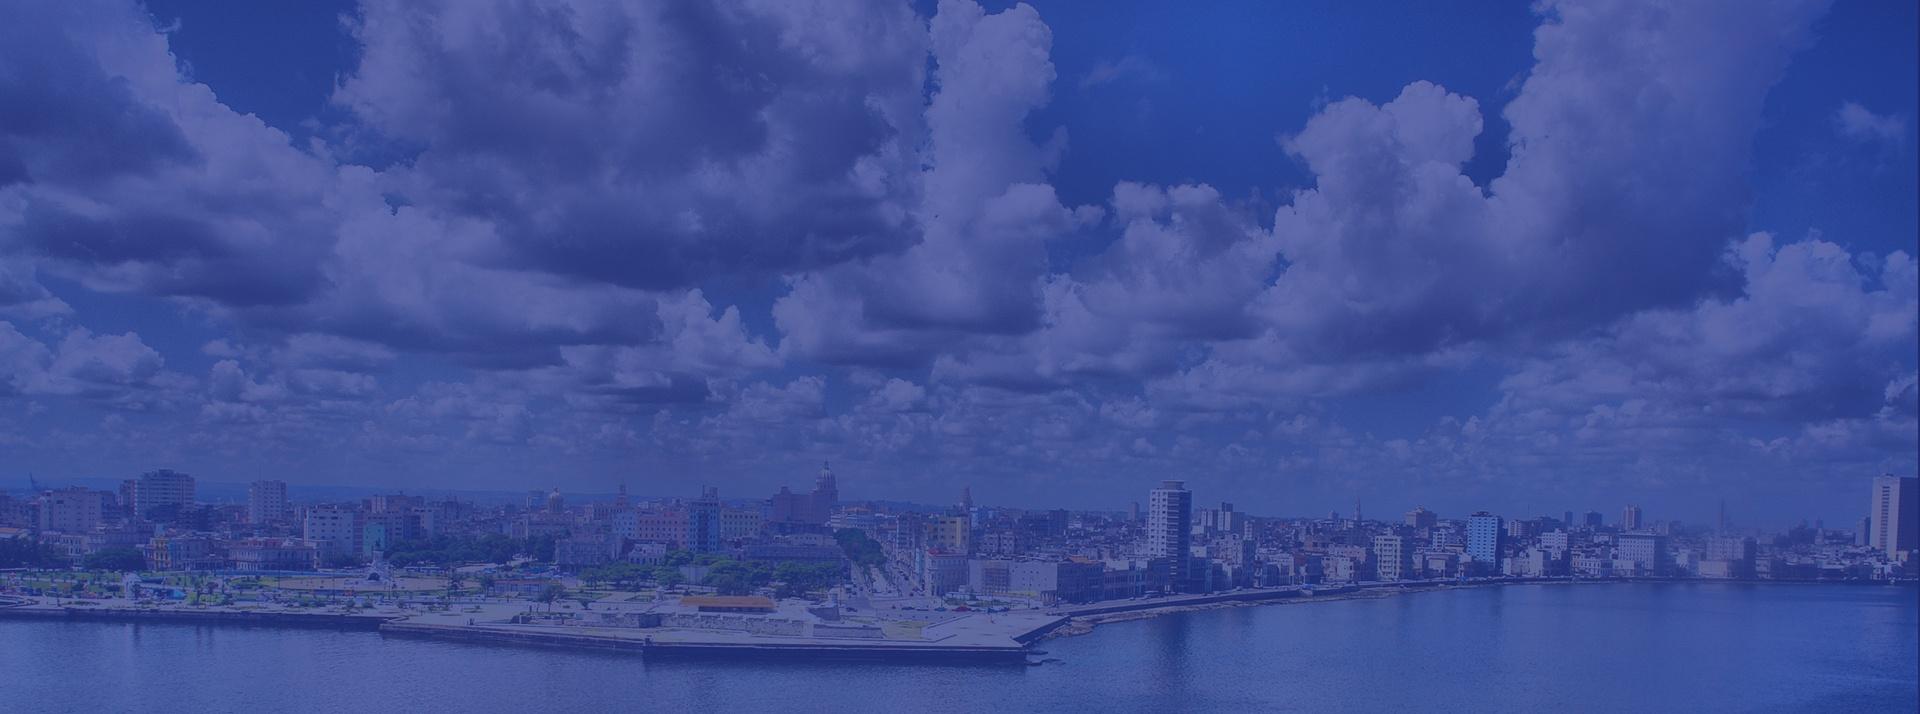 Missão empresarial a Cuba - Construção